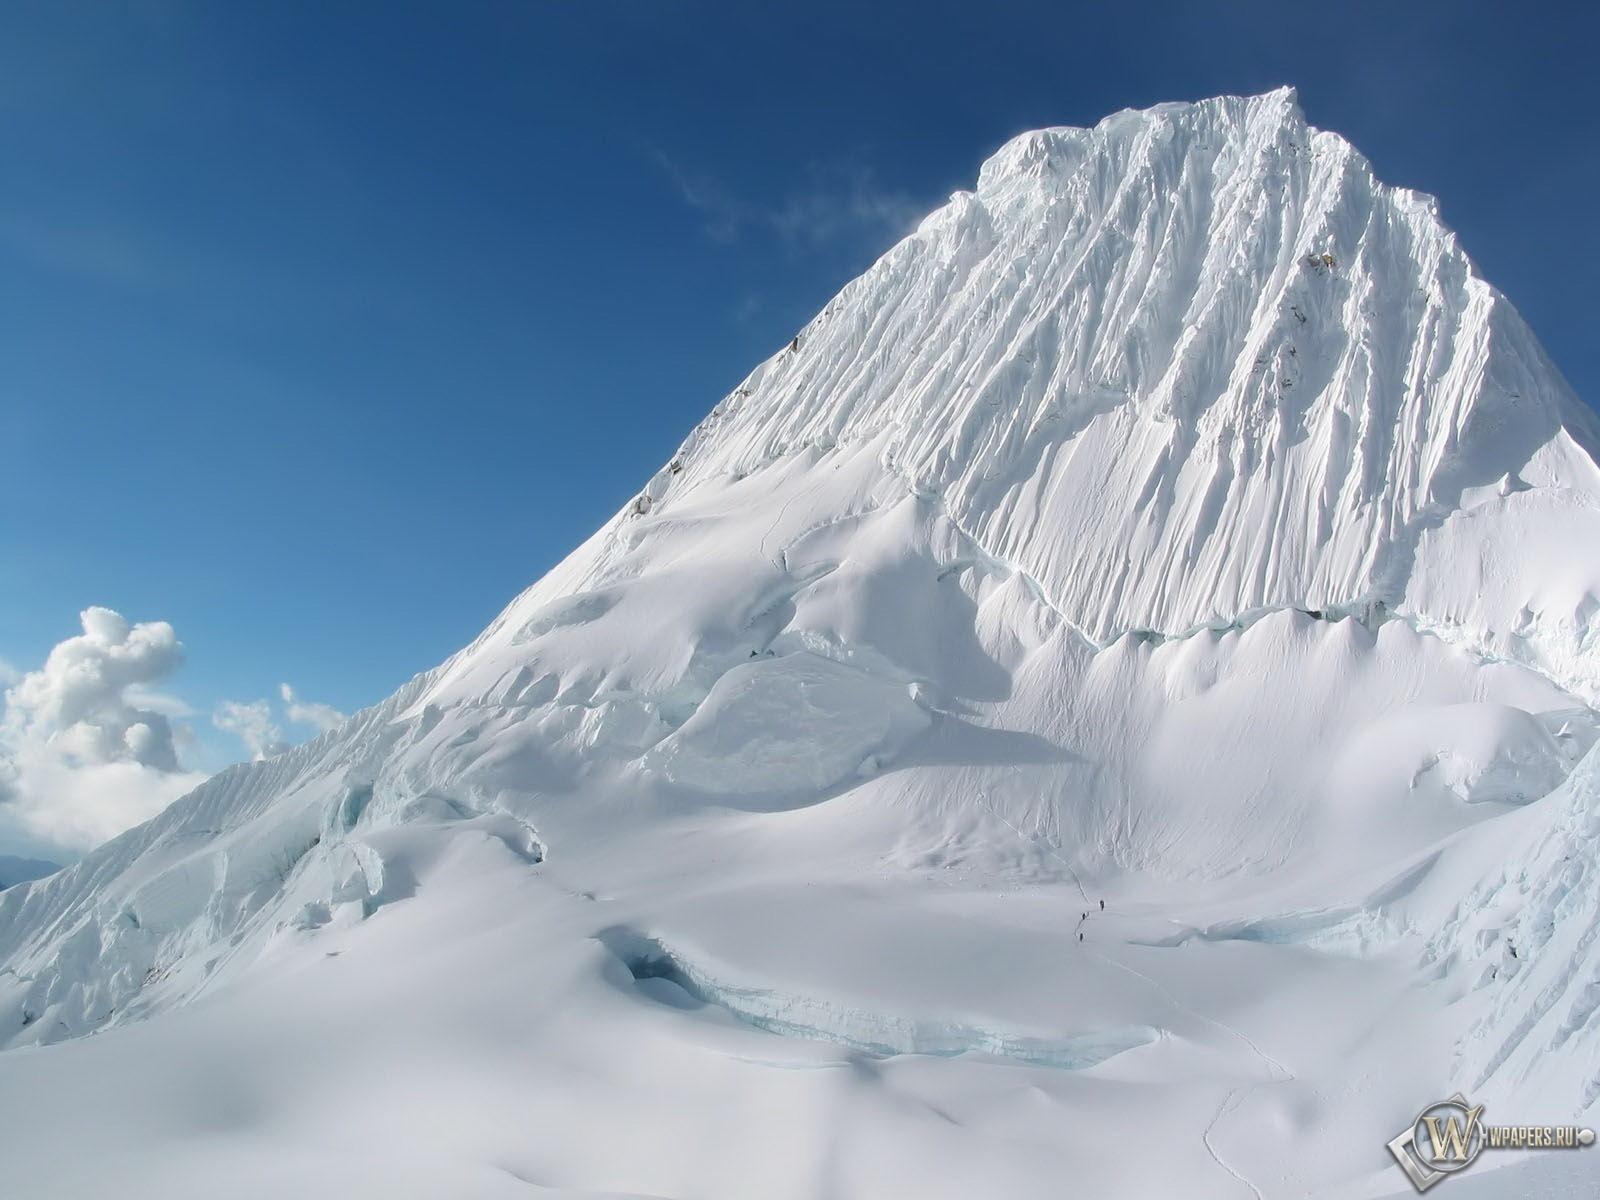 Ледник 1600x1200